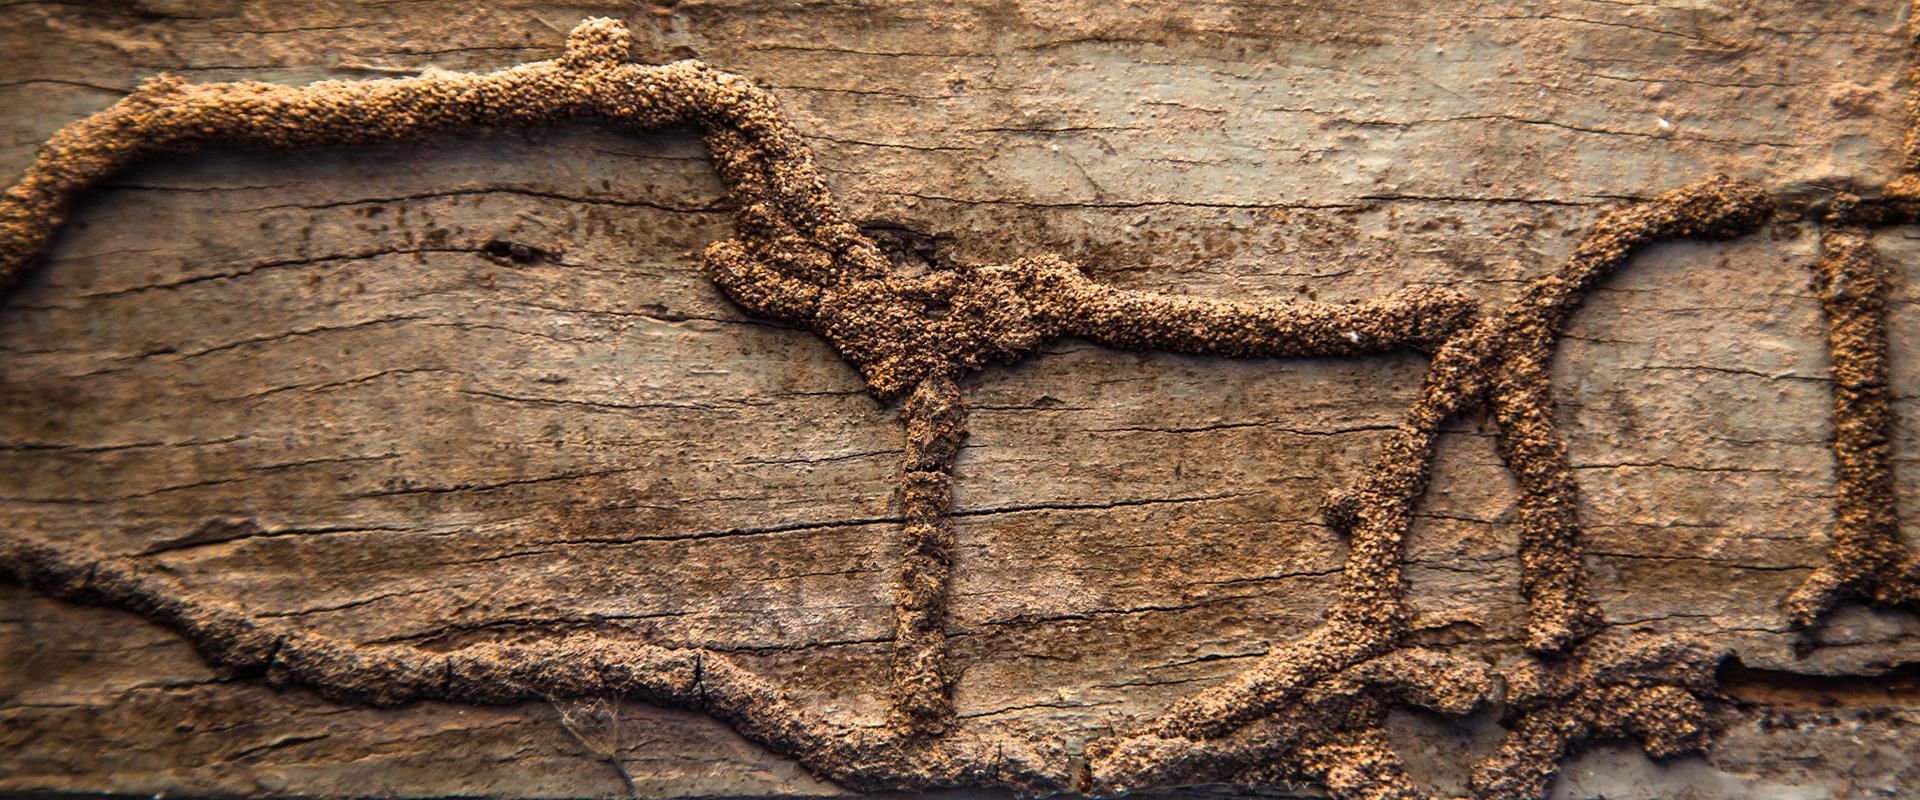 termite nest on wood